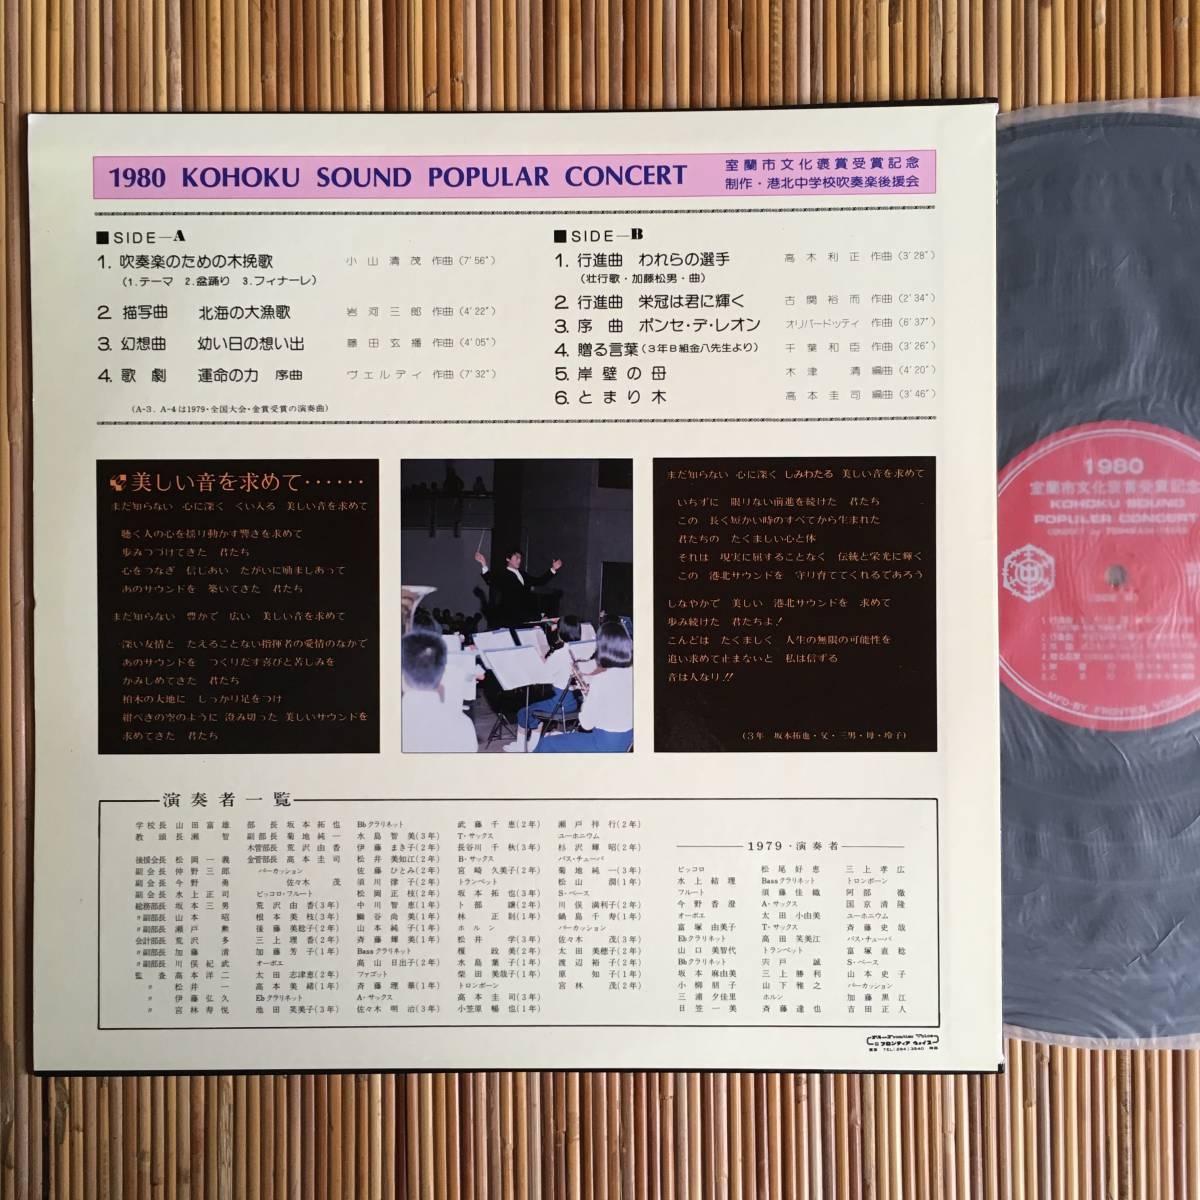 《自主盤》『1980 KOHOKU SOUND POPULAR CONCERT』LP~室蘭市/港北中学校吹奏楽部定期演奏会/吹奏楽/ブラスバンド/にほ_画像2